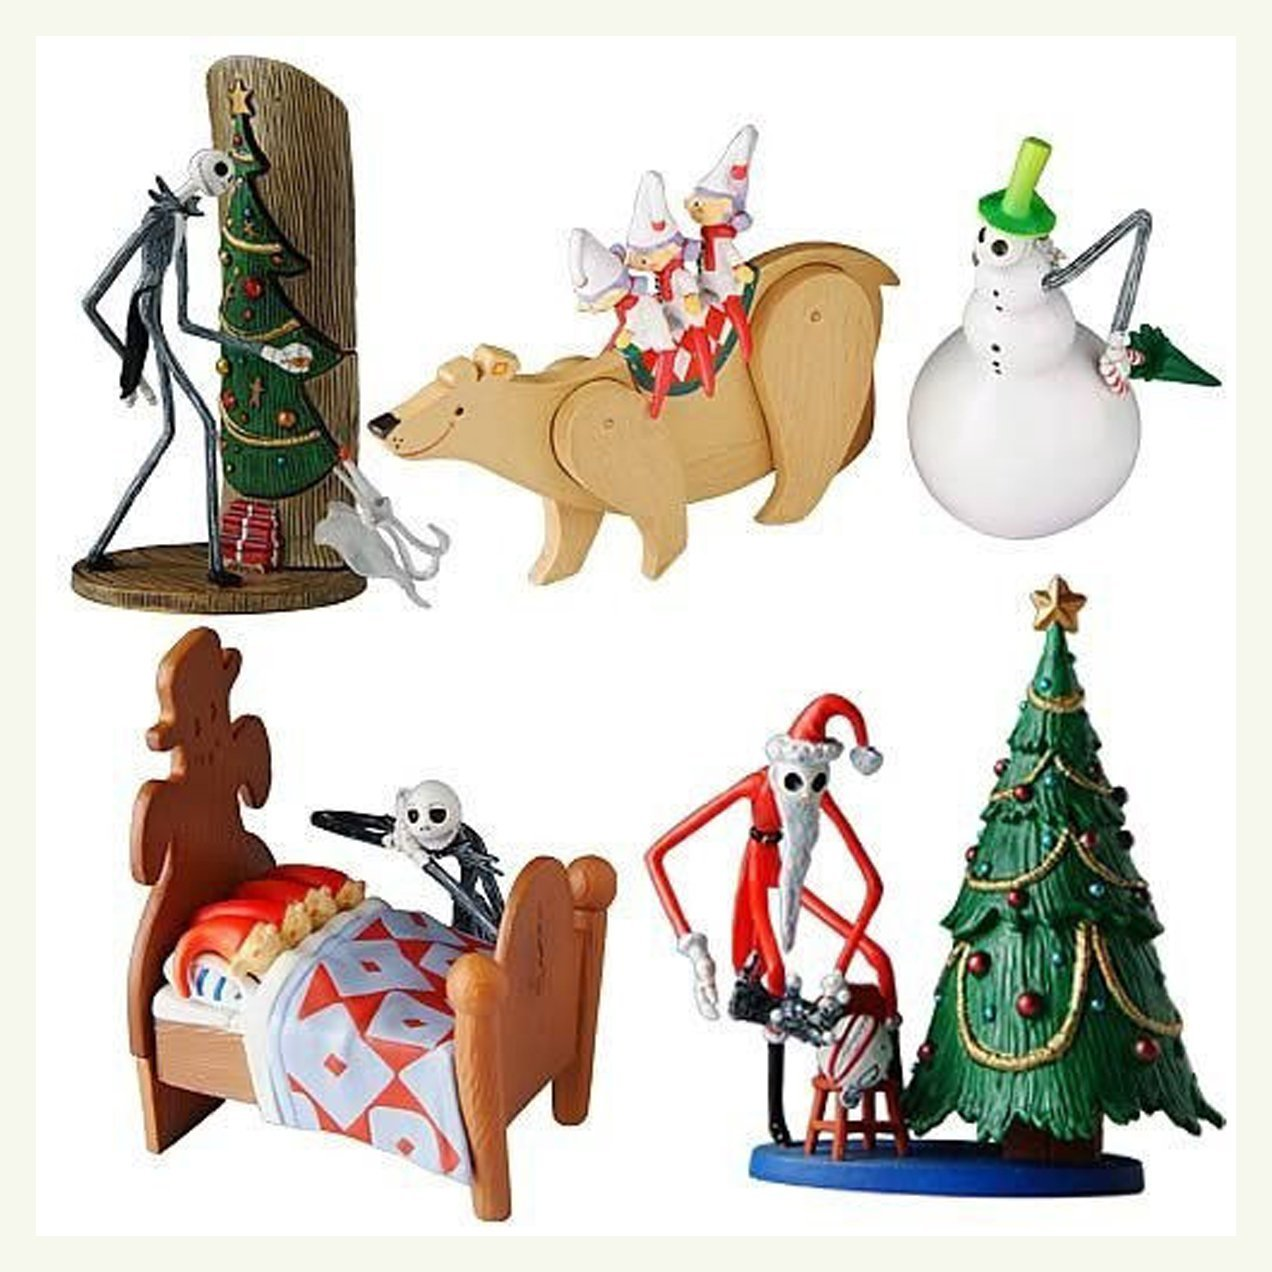 Buy The Nightmare Before Christmas Trading Figure Series 1 - Oogie ...